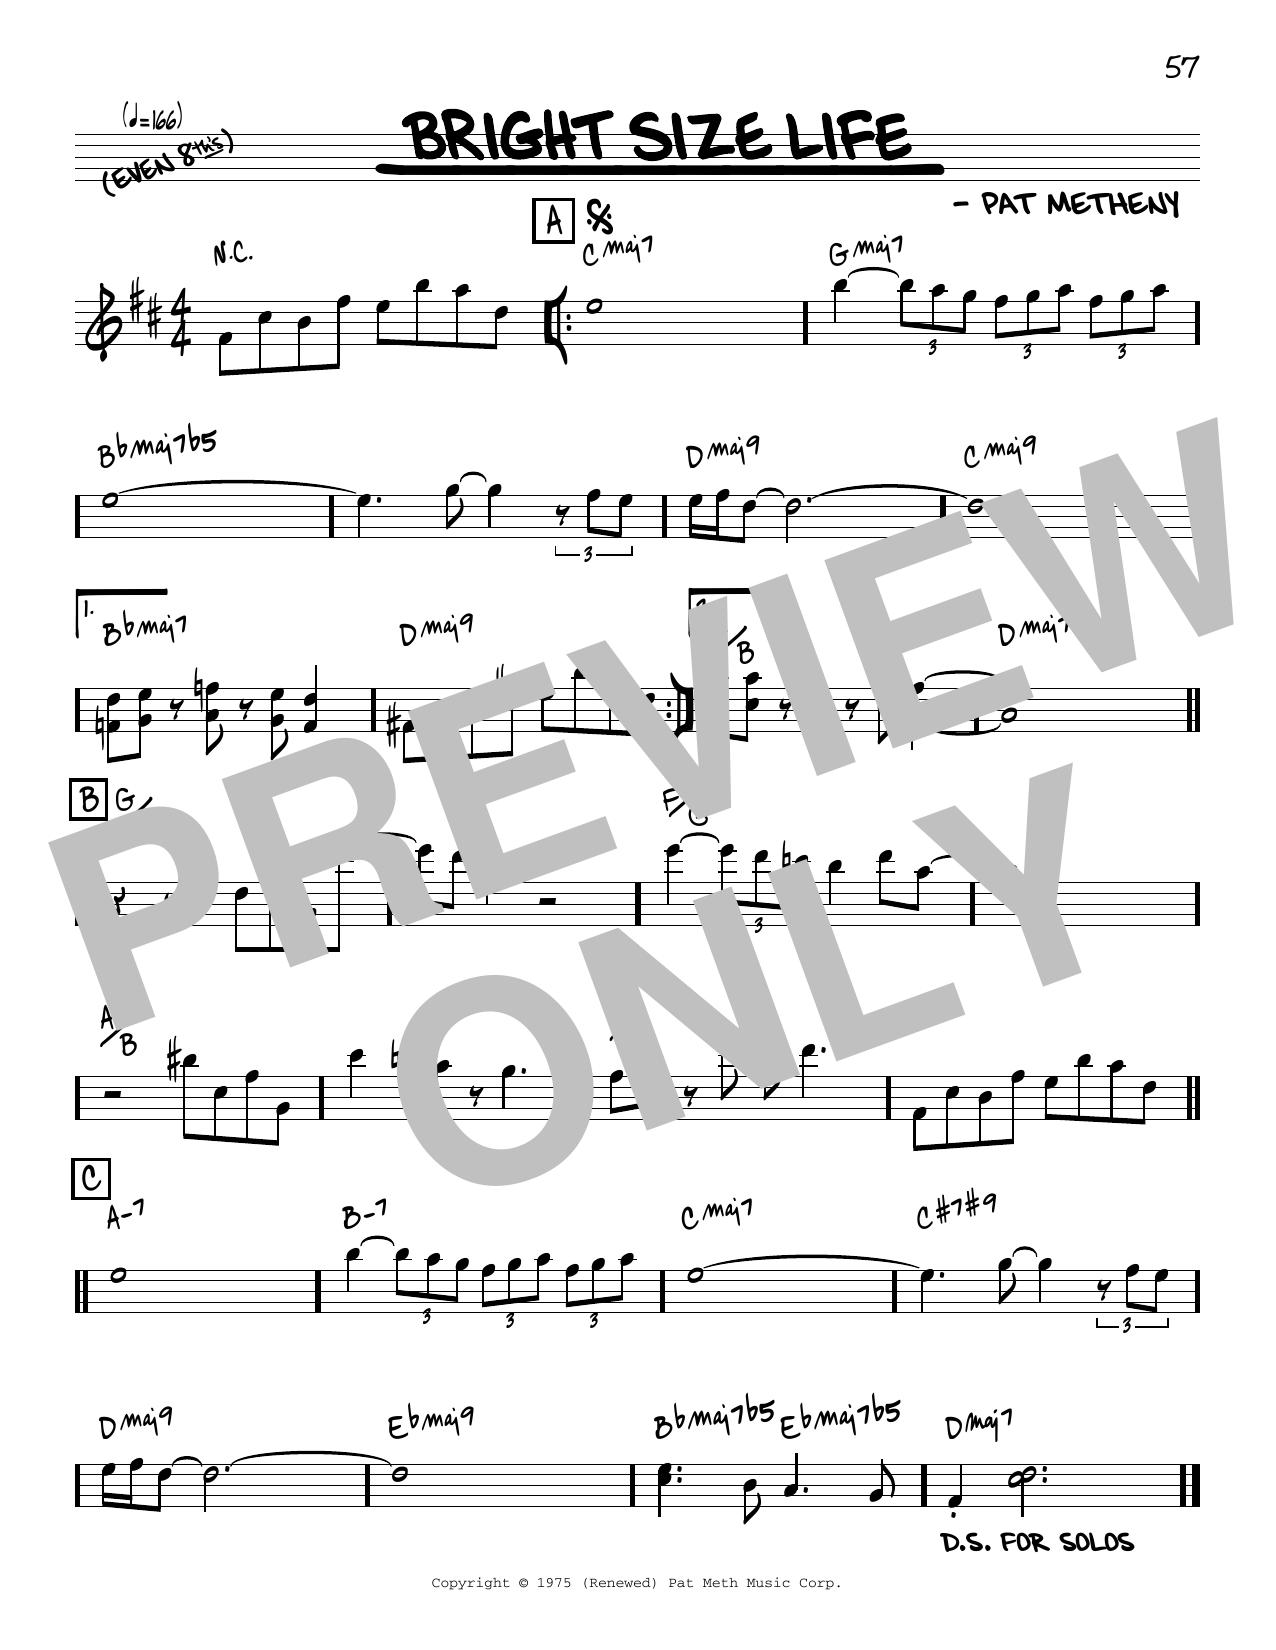 Pat Metheny Bright Size Life [Reharmonized version] (arr. Jack Grassel) sheet music notes printable PDF score